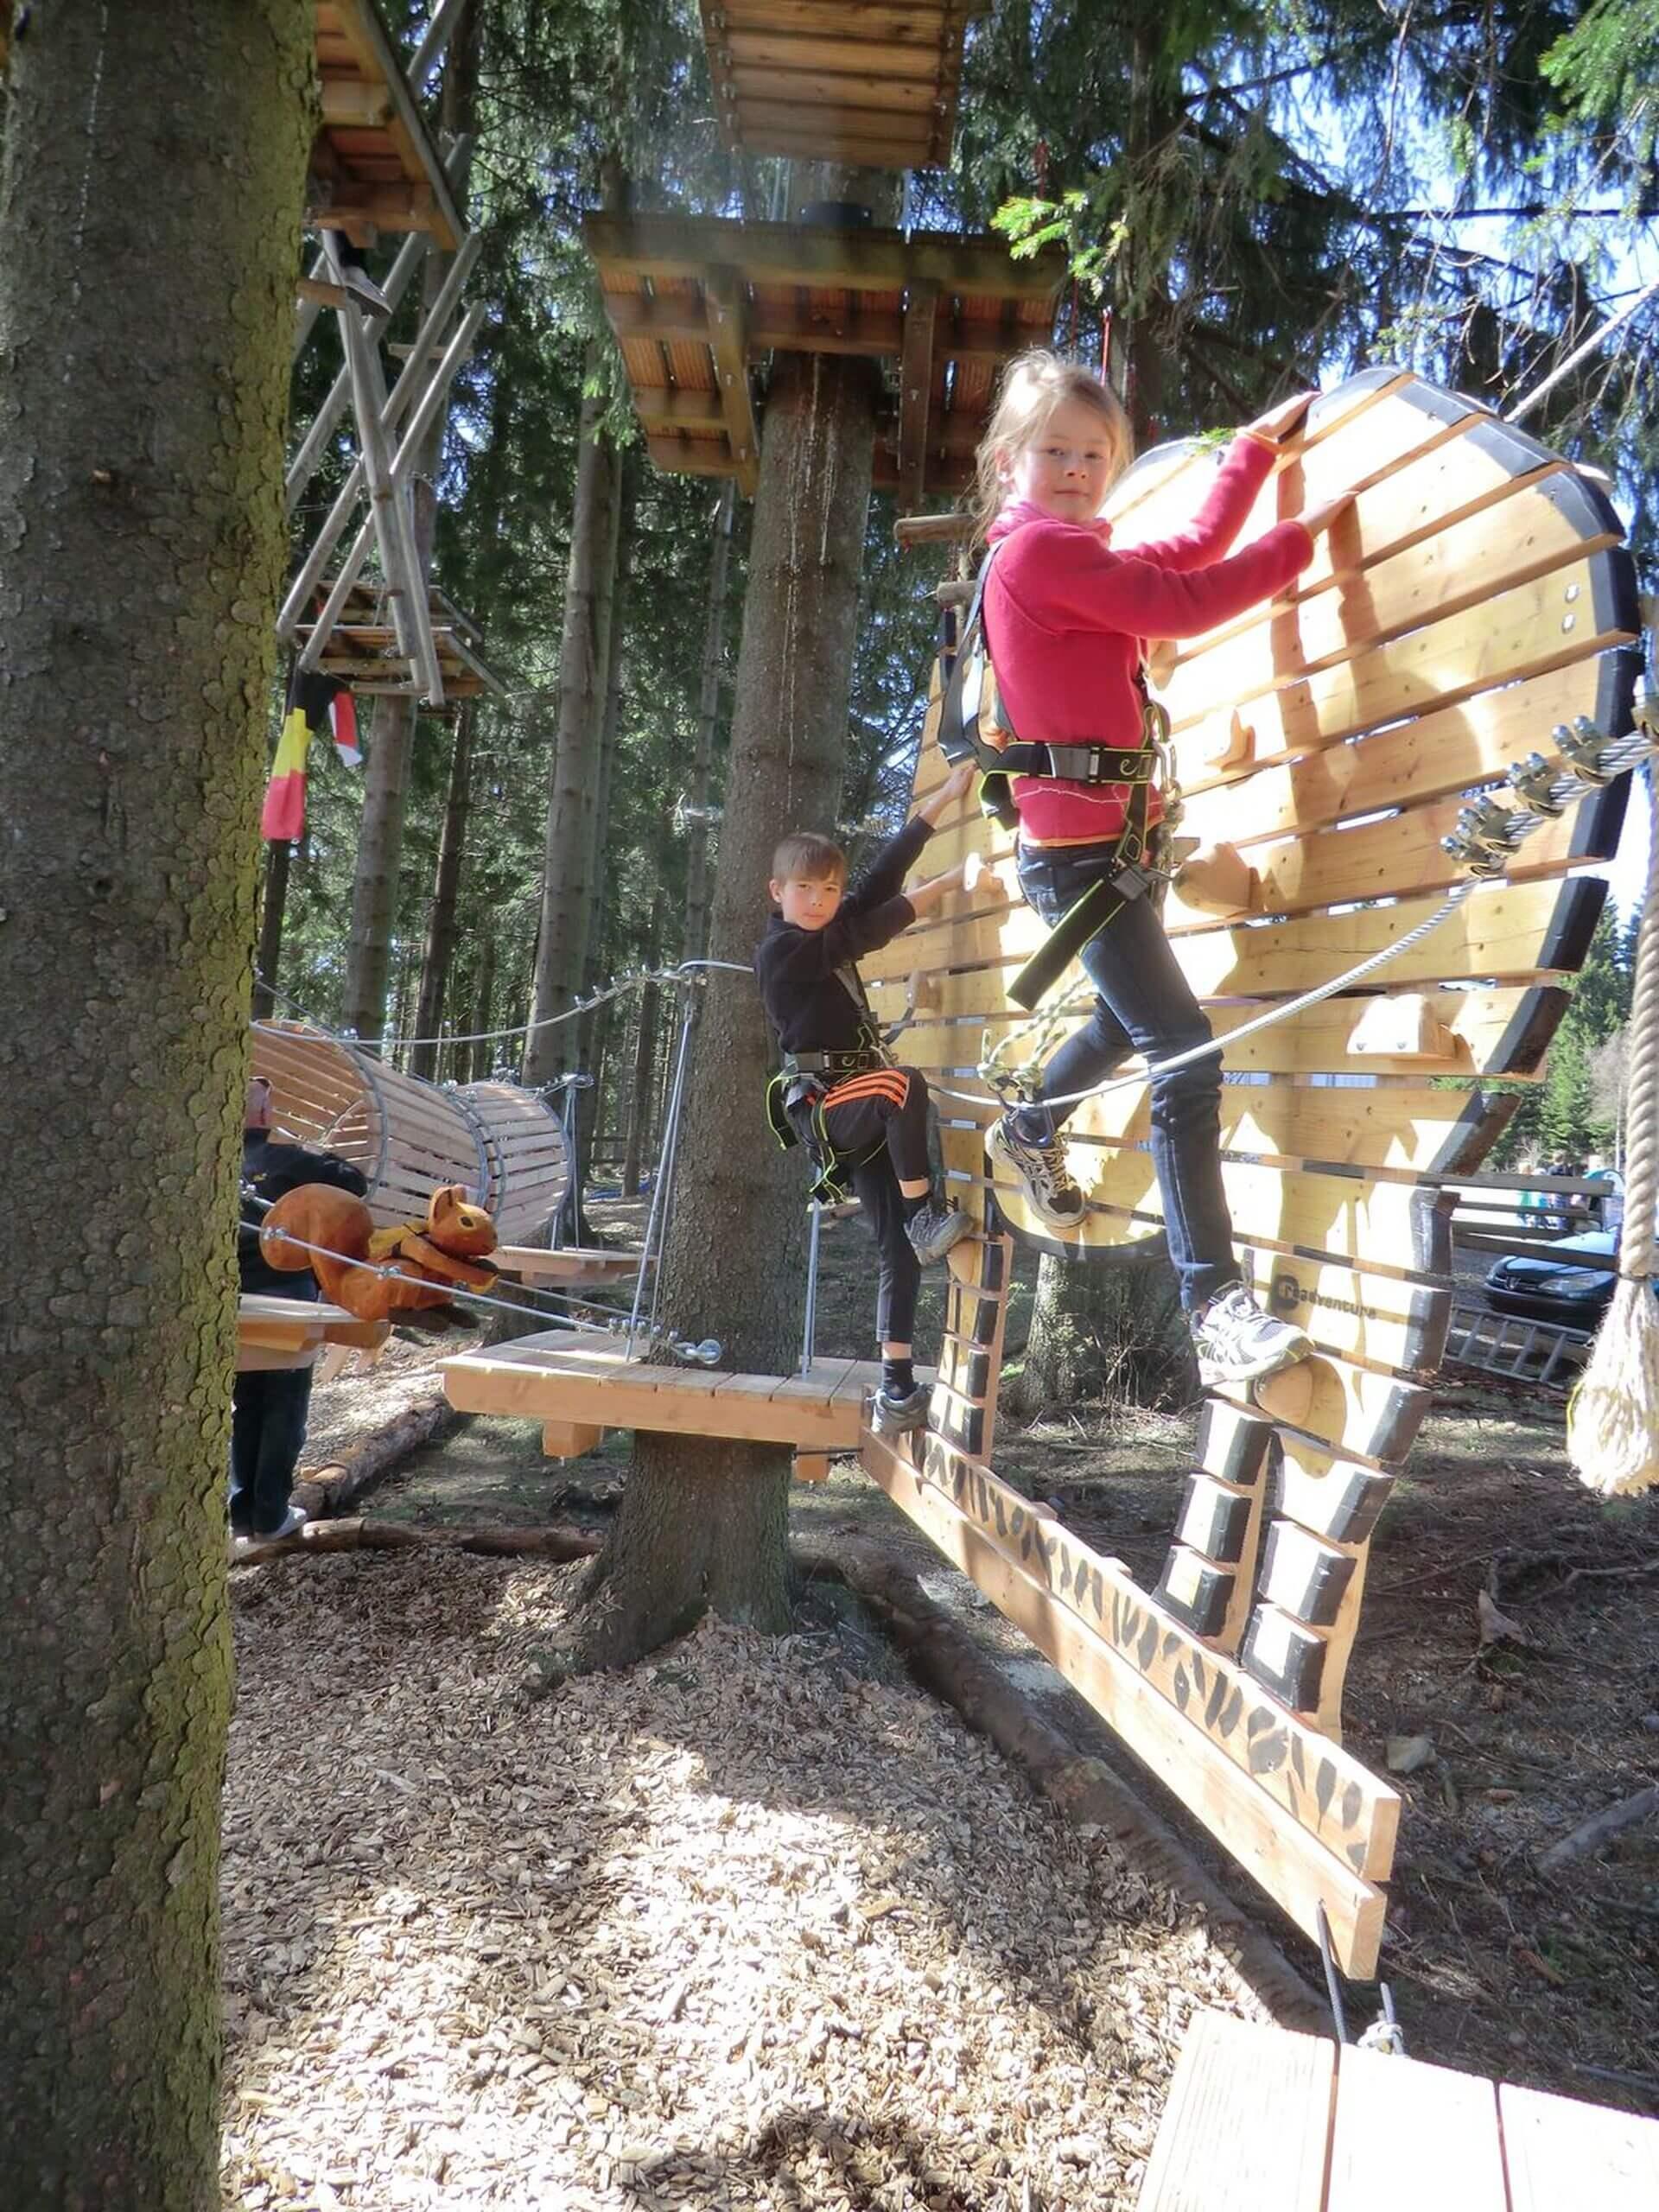 Kleinkinder Klettern im Kinderparcours Kletterwald Winterberg am Erlebnisberg Kappe (2) Hochformat